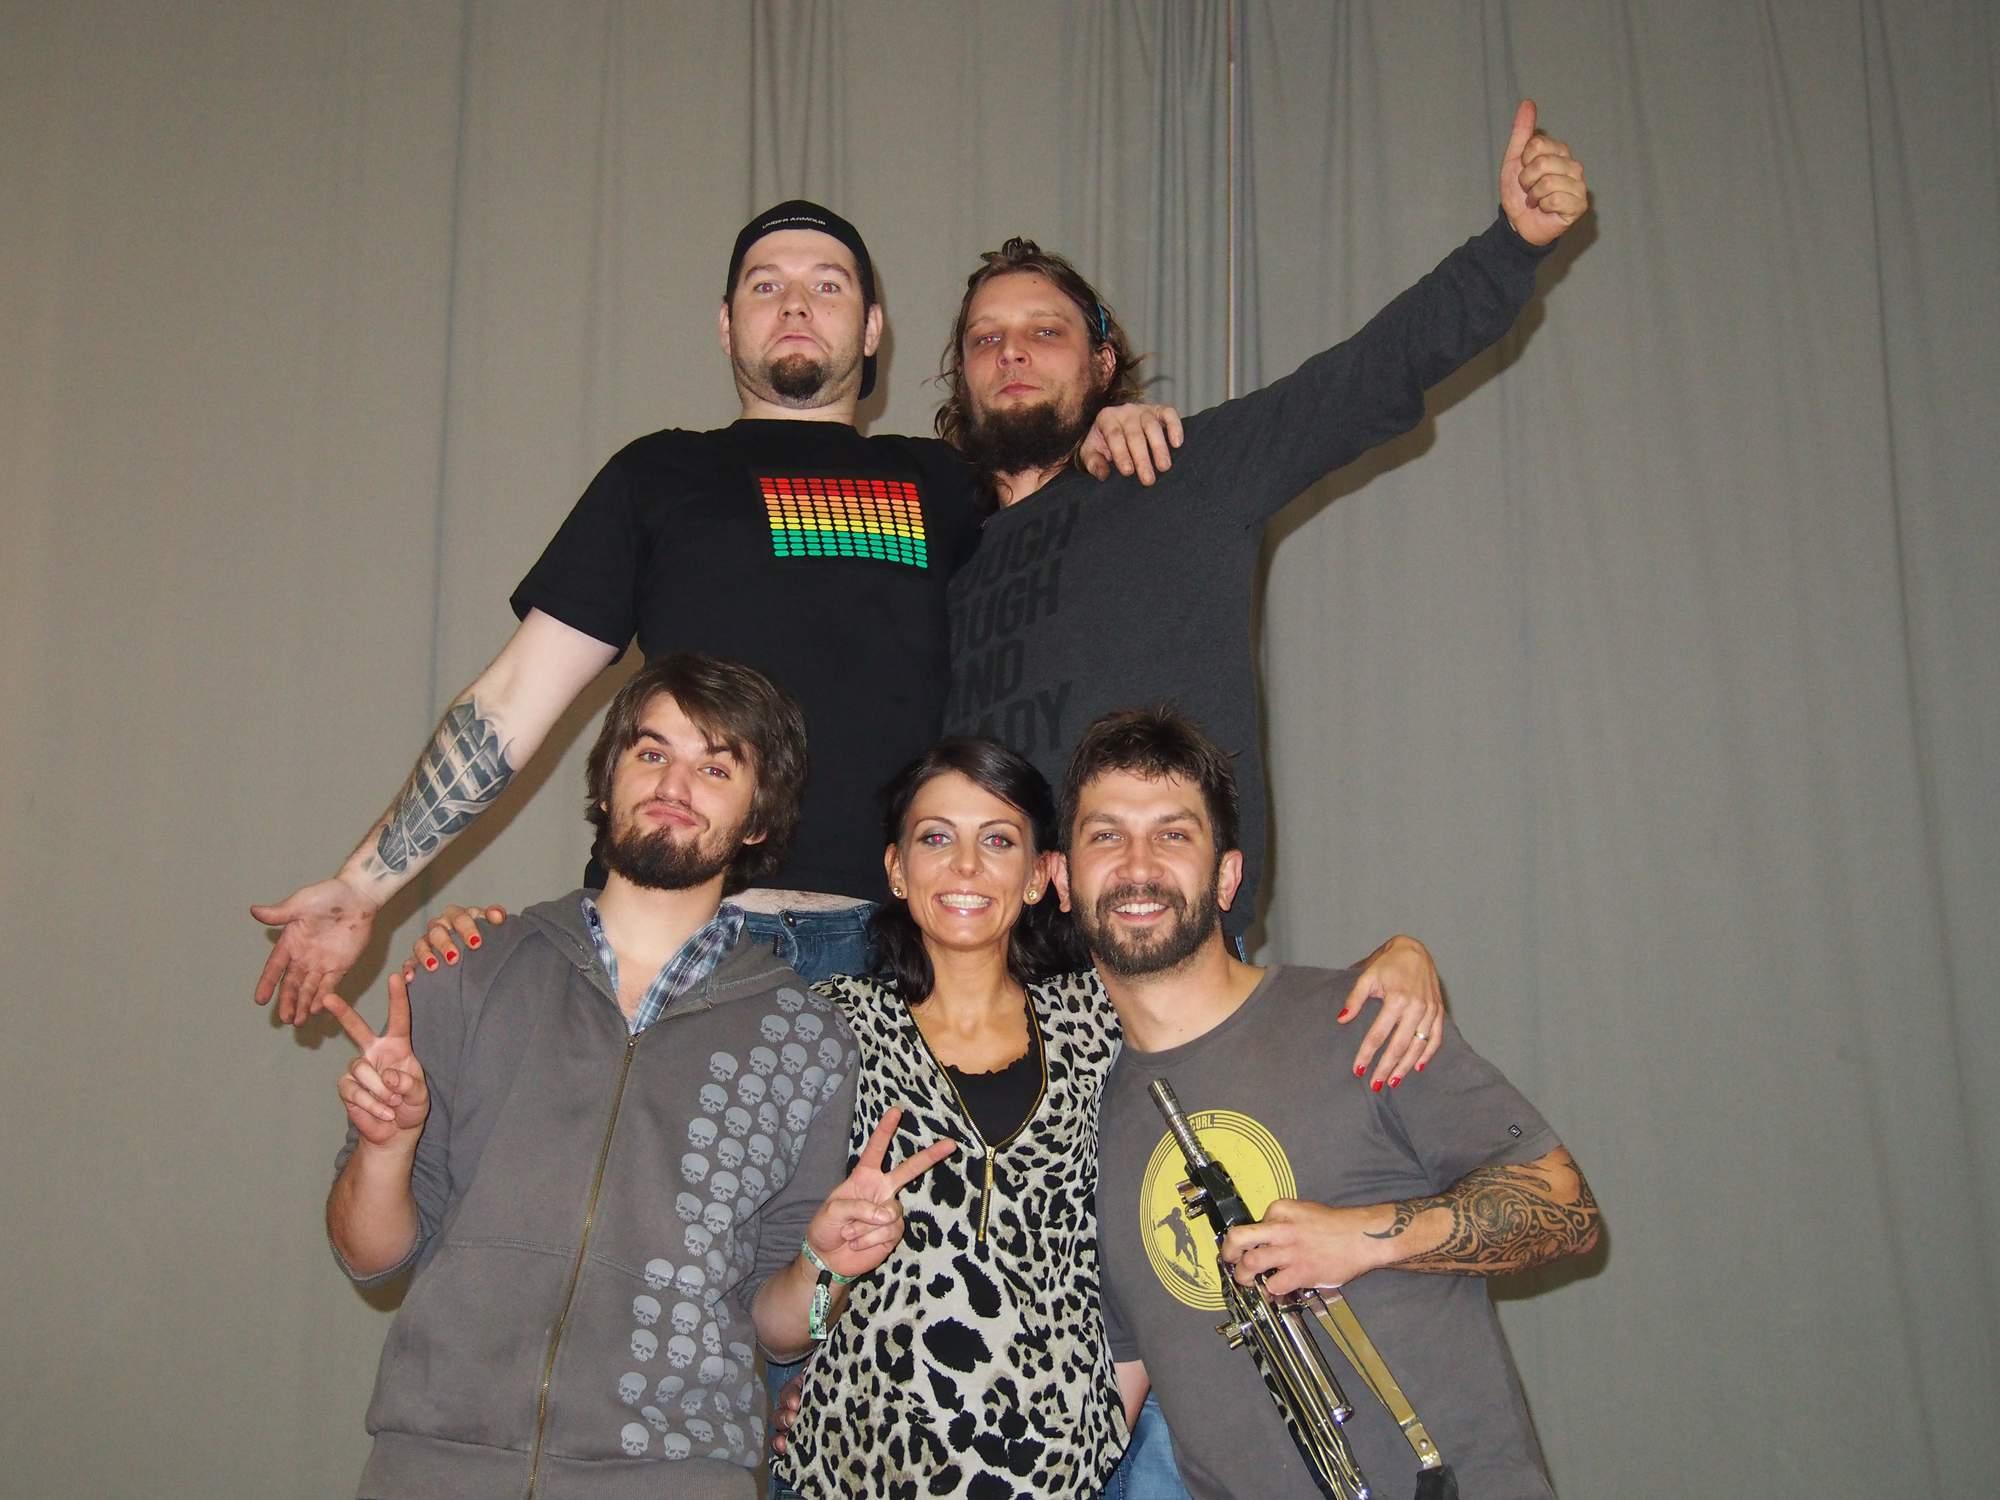 Svatba, Stříbrnice [6] (1.11.2014) - Kervežekson (crossover kapela z Prostějova)